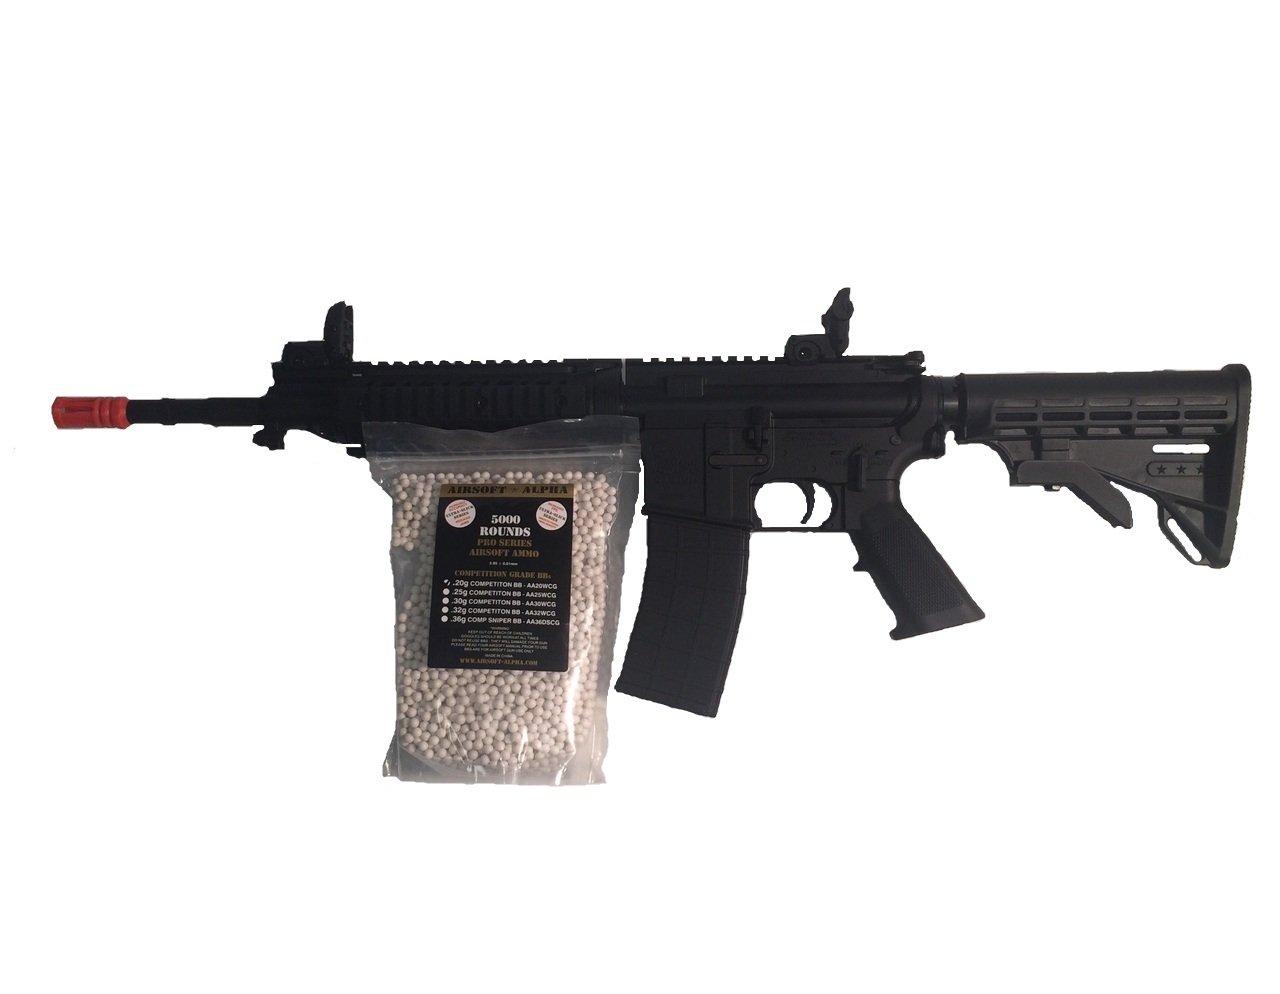 tippmann m4 airsoft alpha jackal operator package(Airsoft Gun)